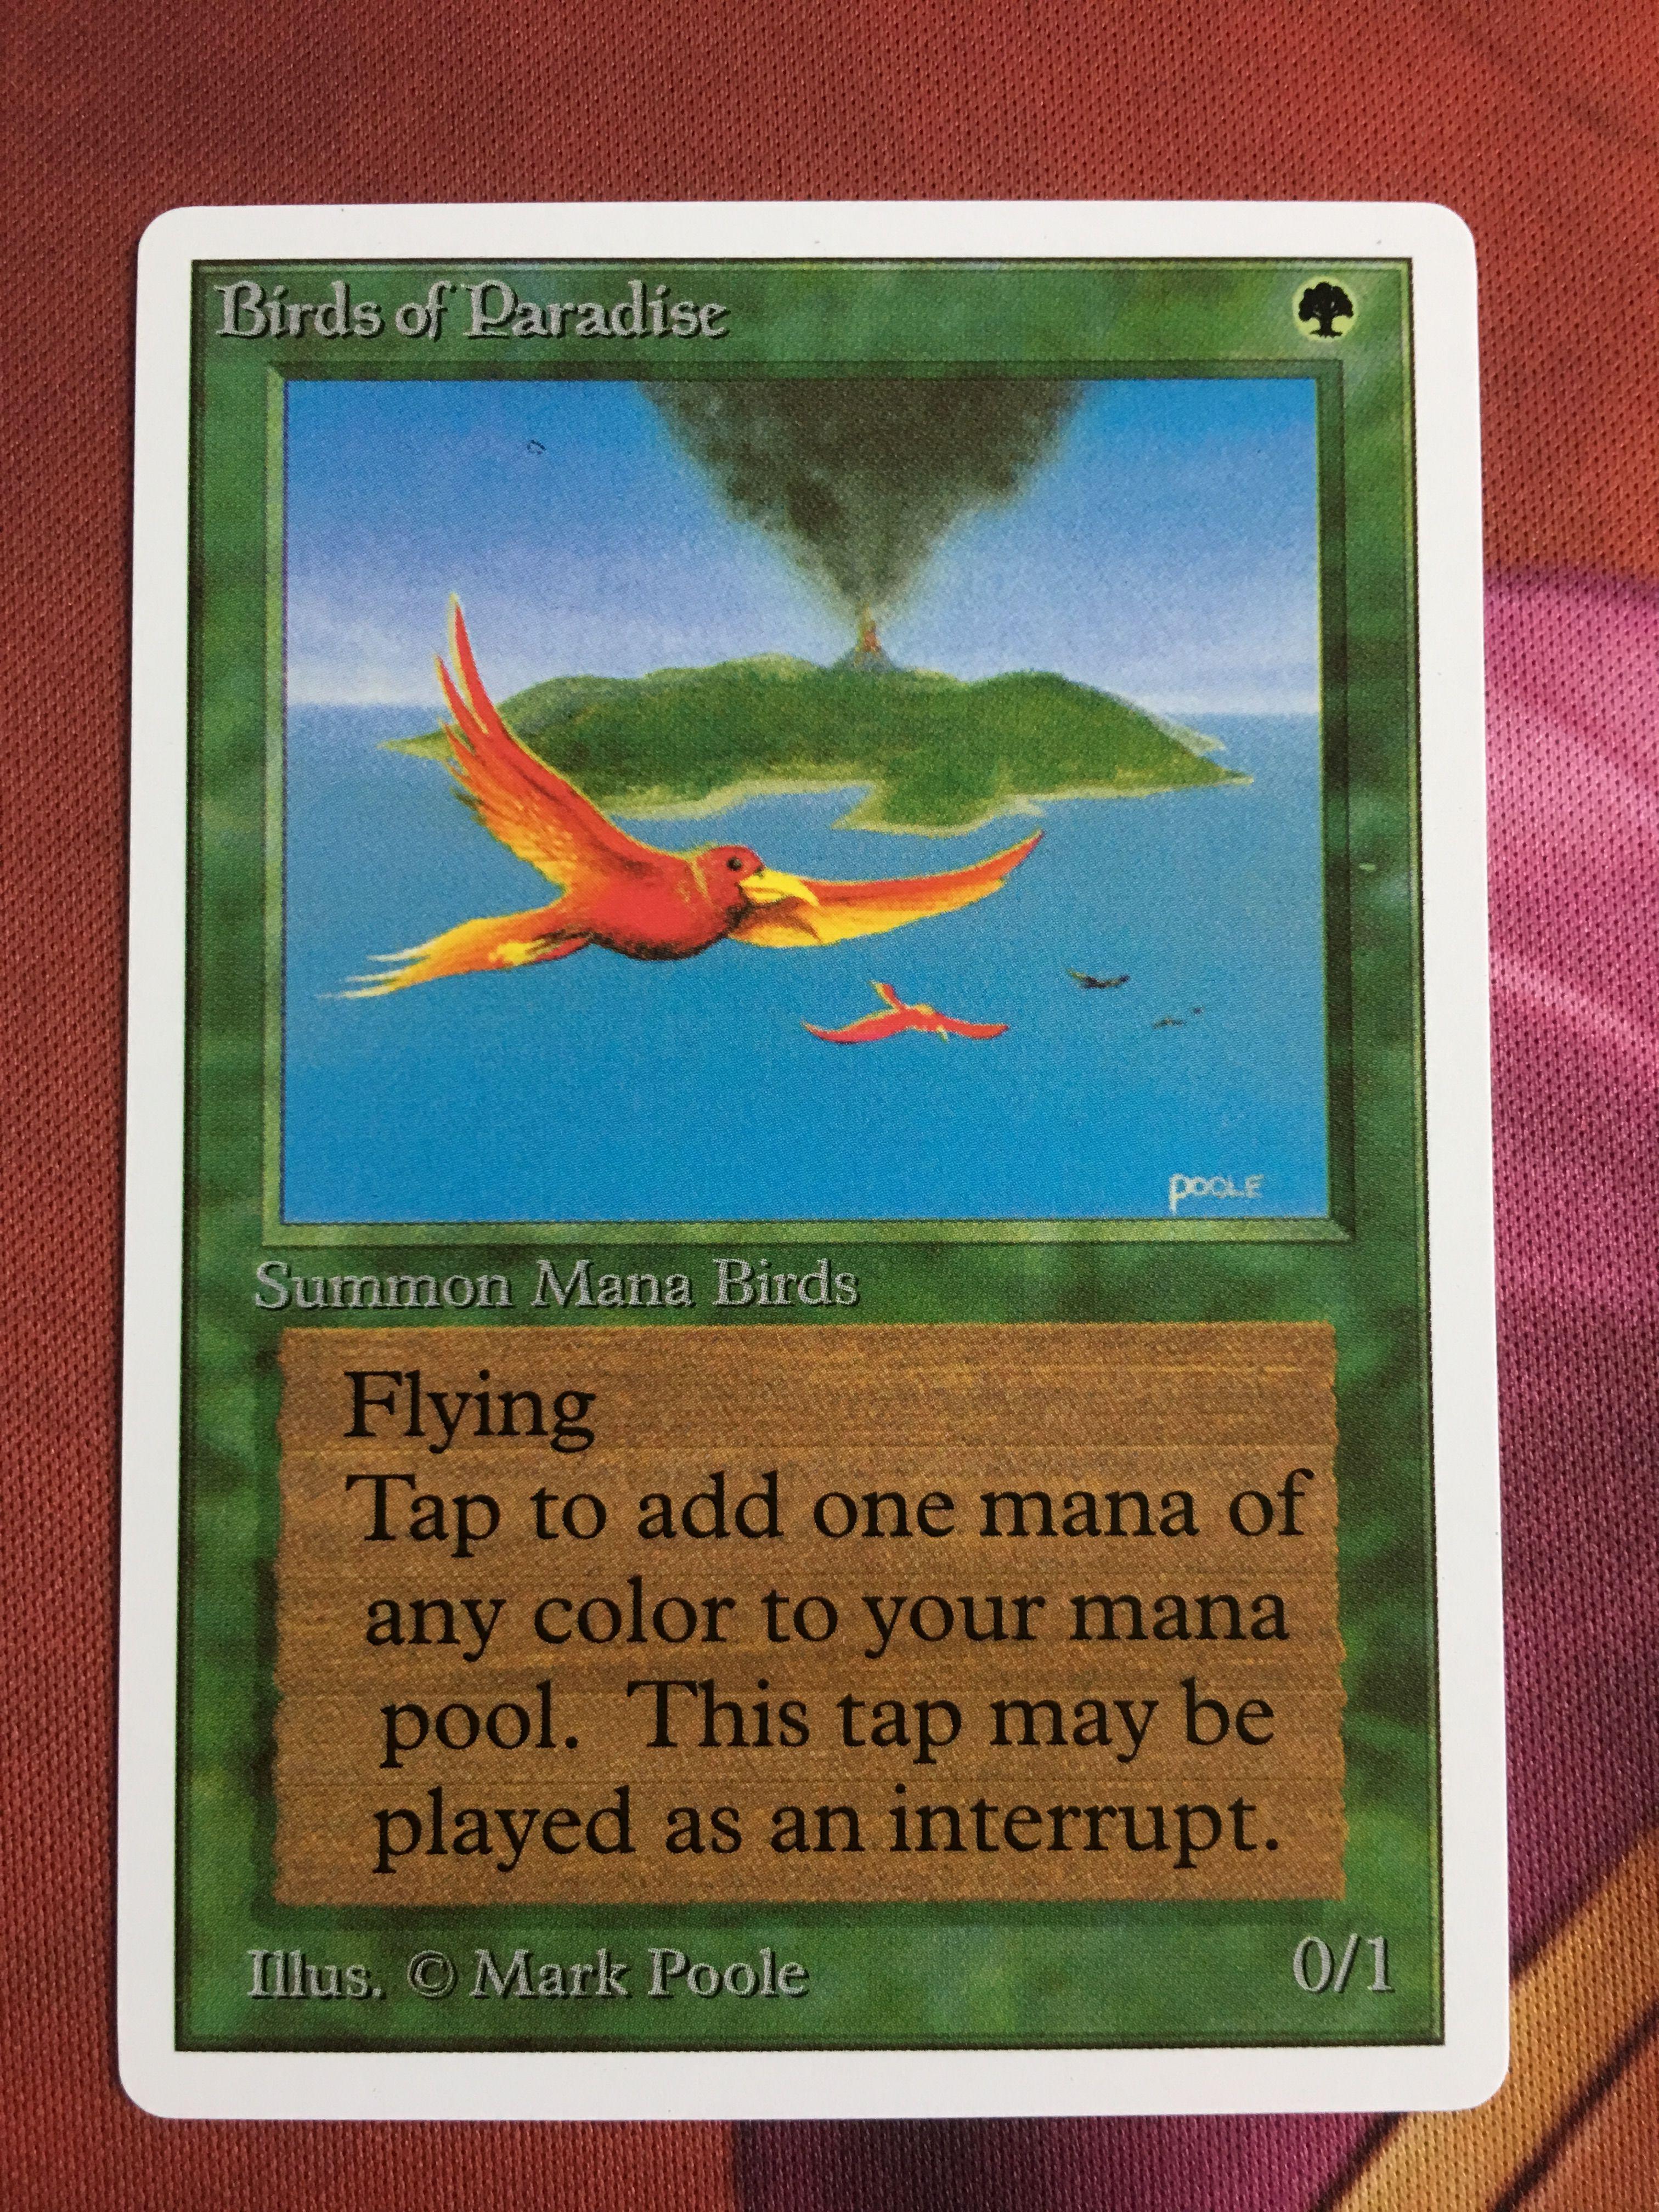 Birds of paradise unlimited birds of paradise magic